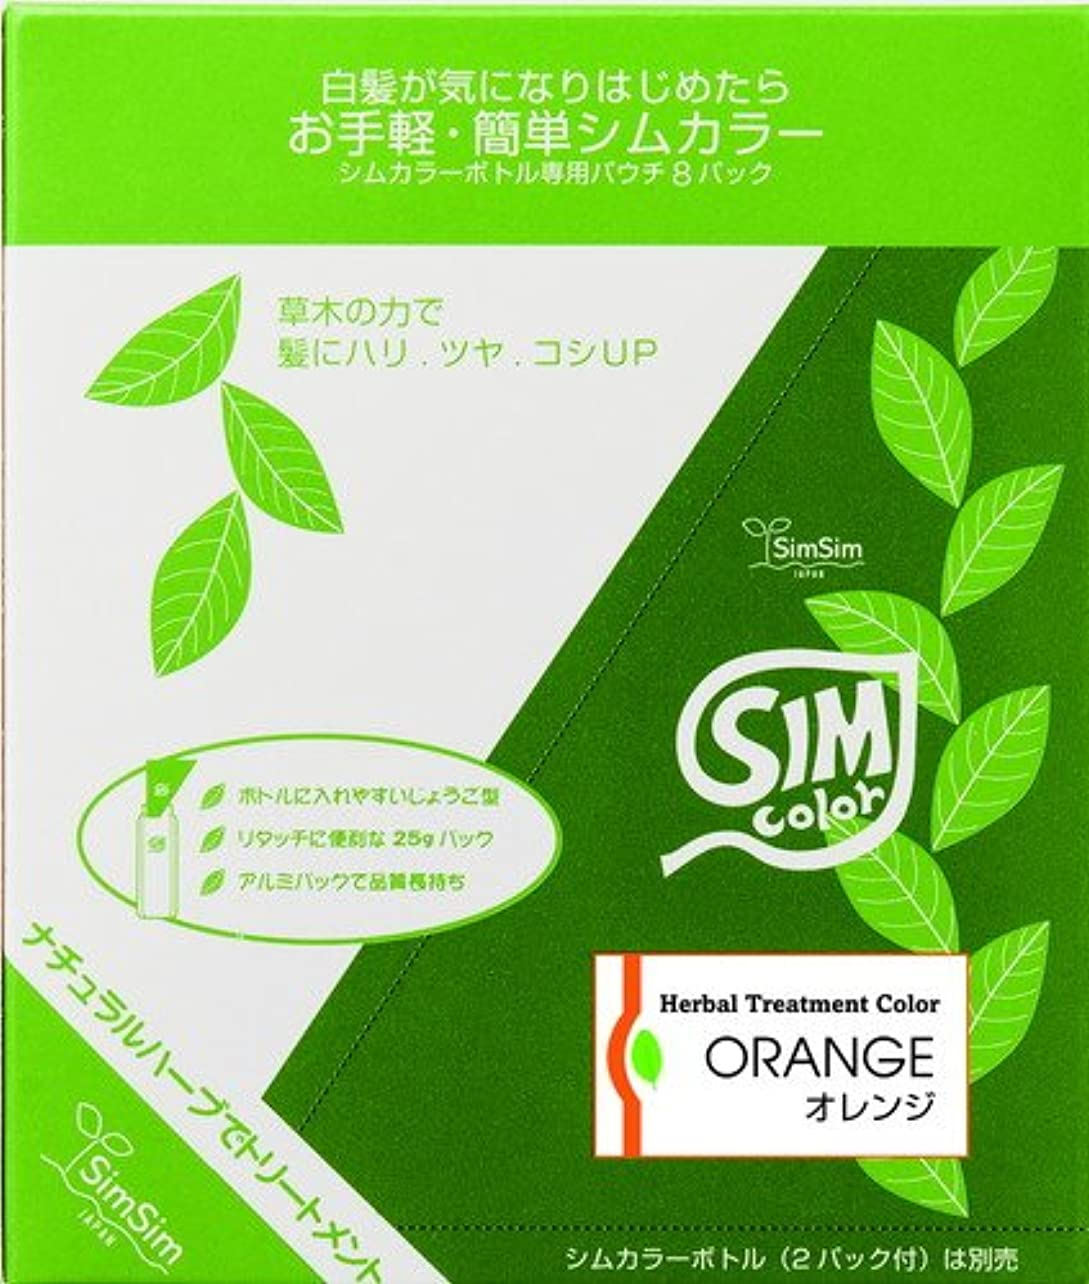 市区町村そうでなければ宝SimSim(シムシム)お手軽簡単シムカラーエクストラ(EX)25g 8袋 オレンジ